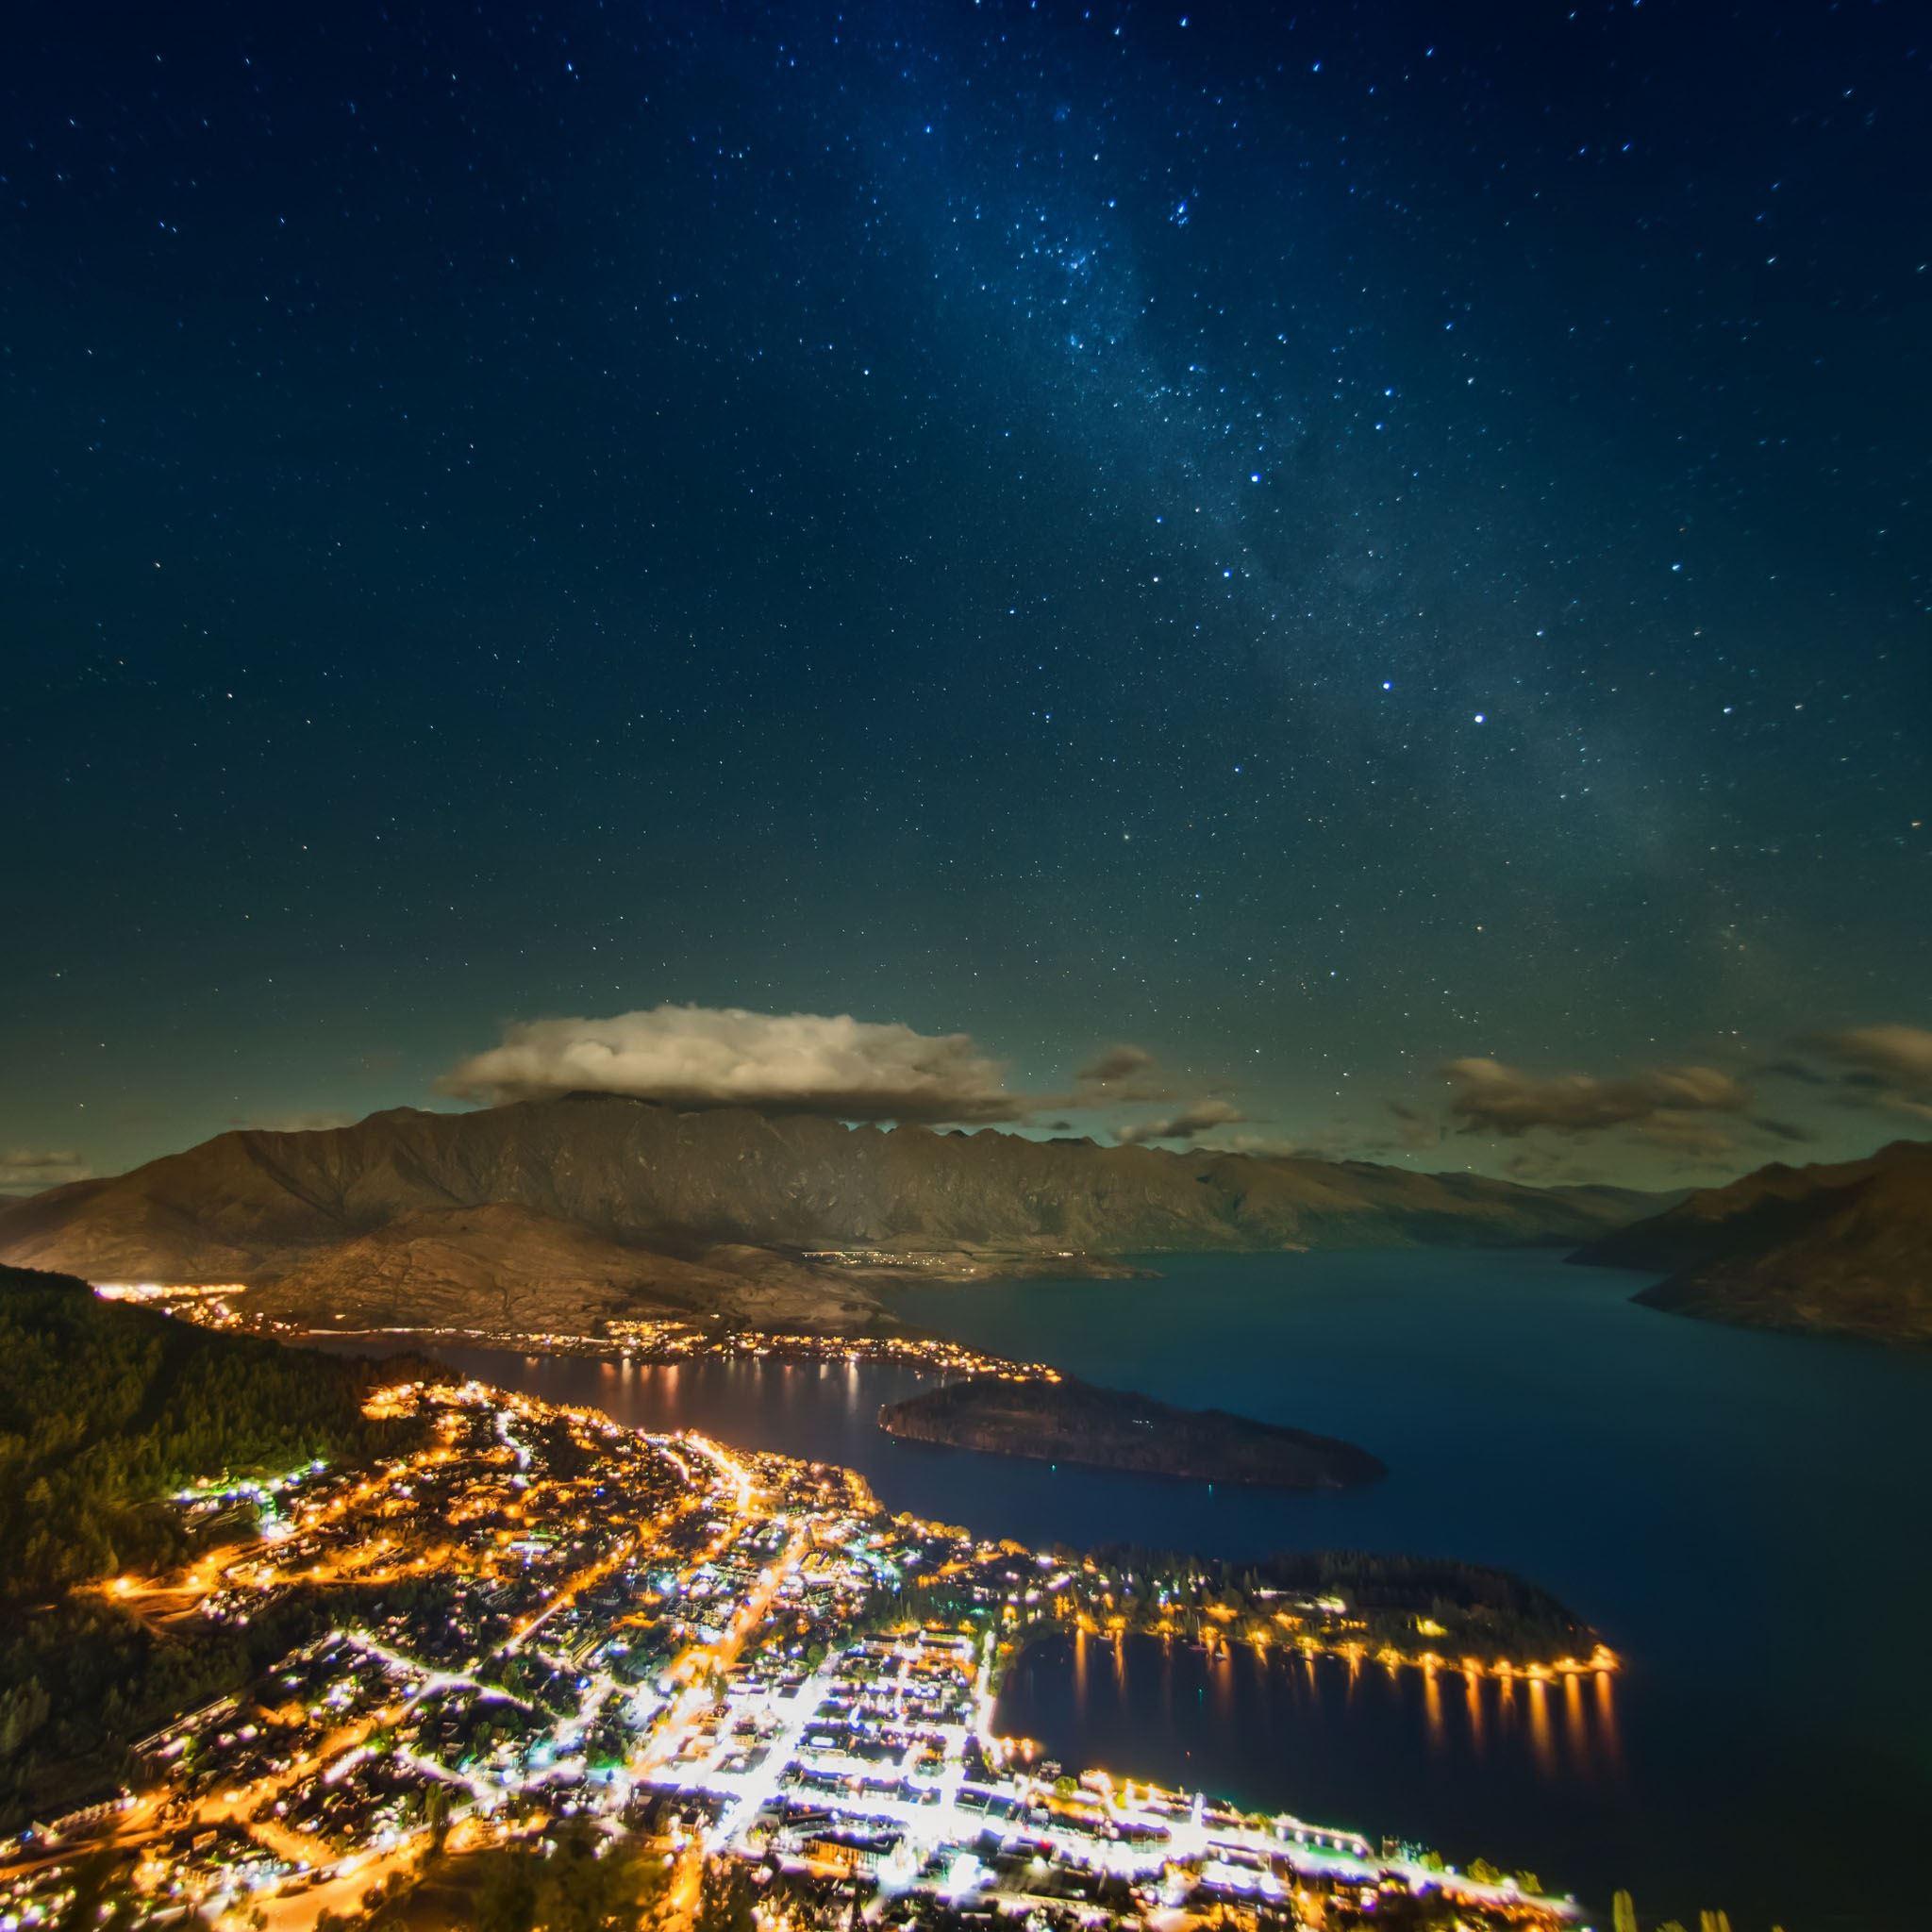 Milky Way Over Queenstown Ipad Air Wallpapers Free Download